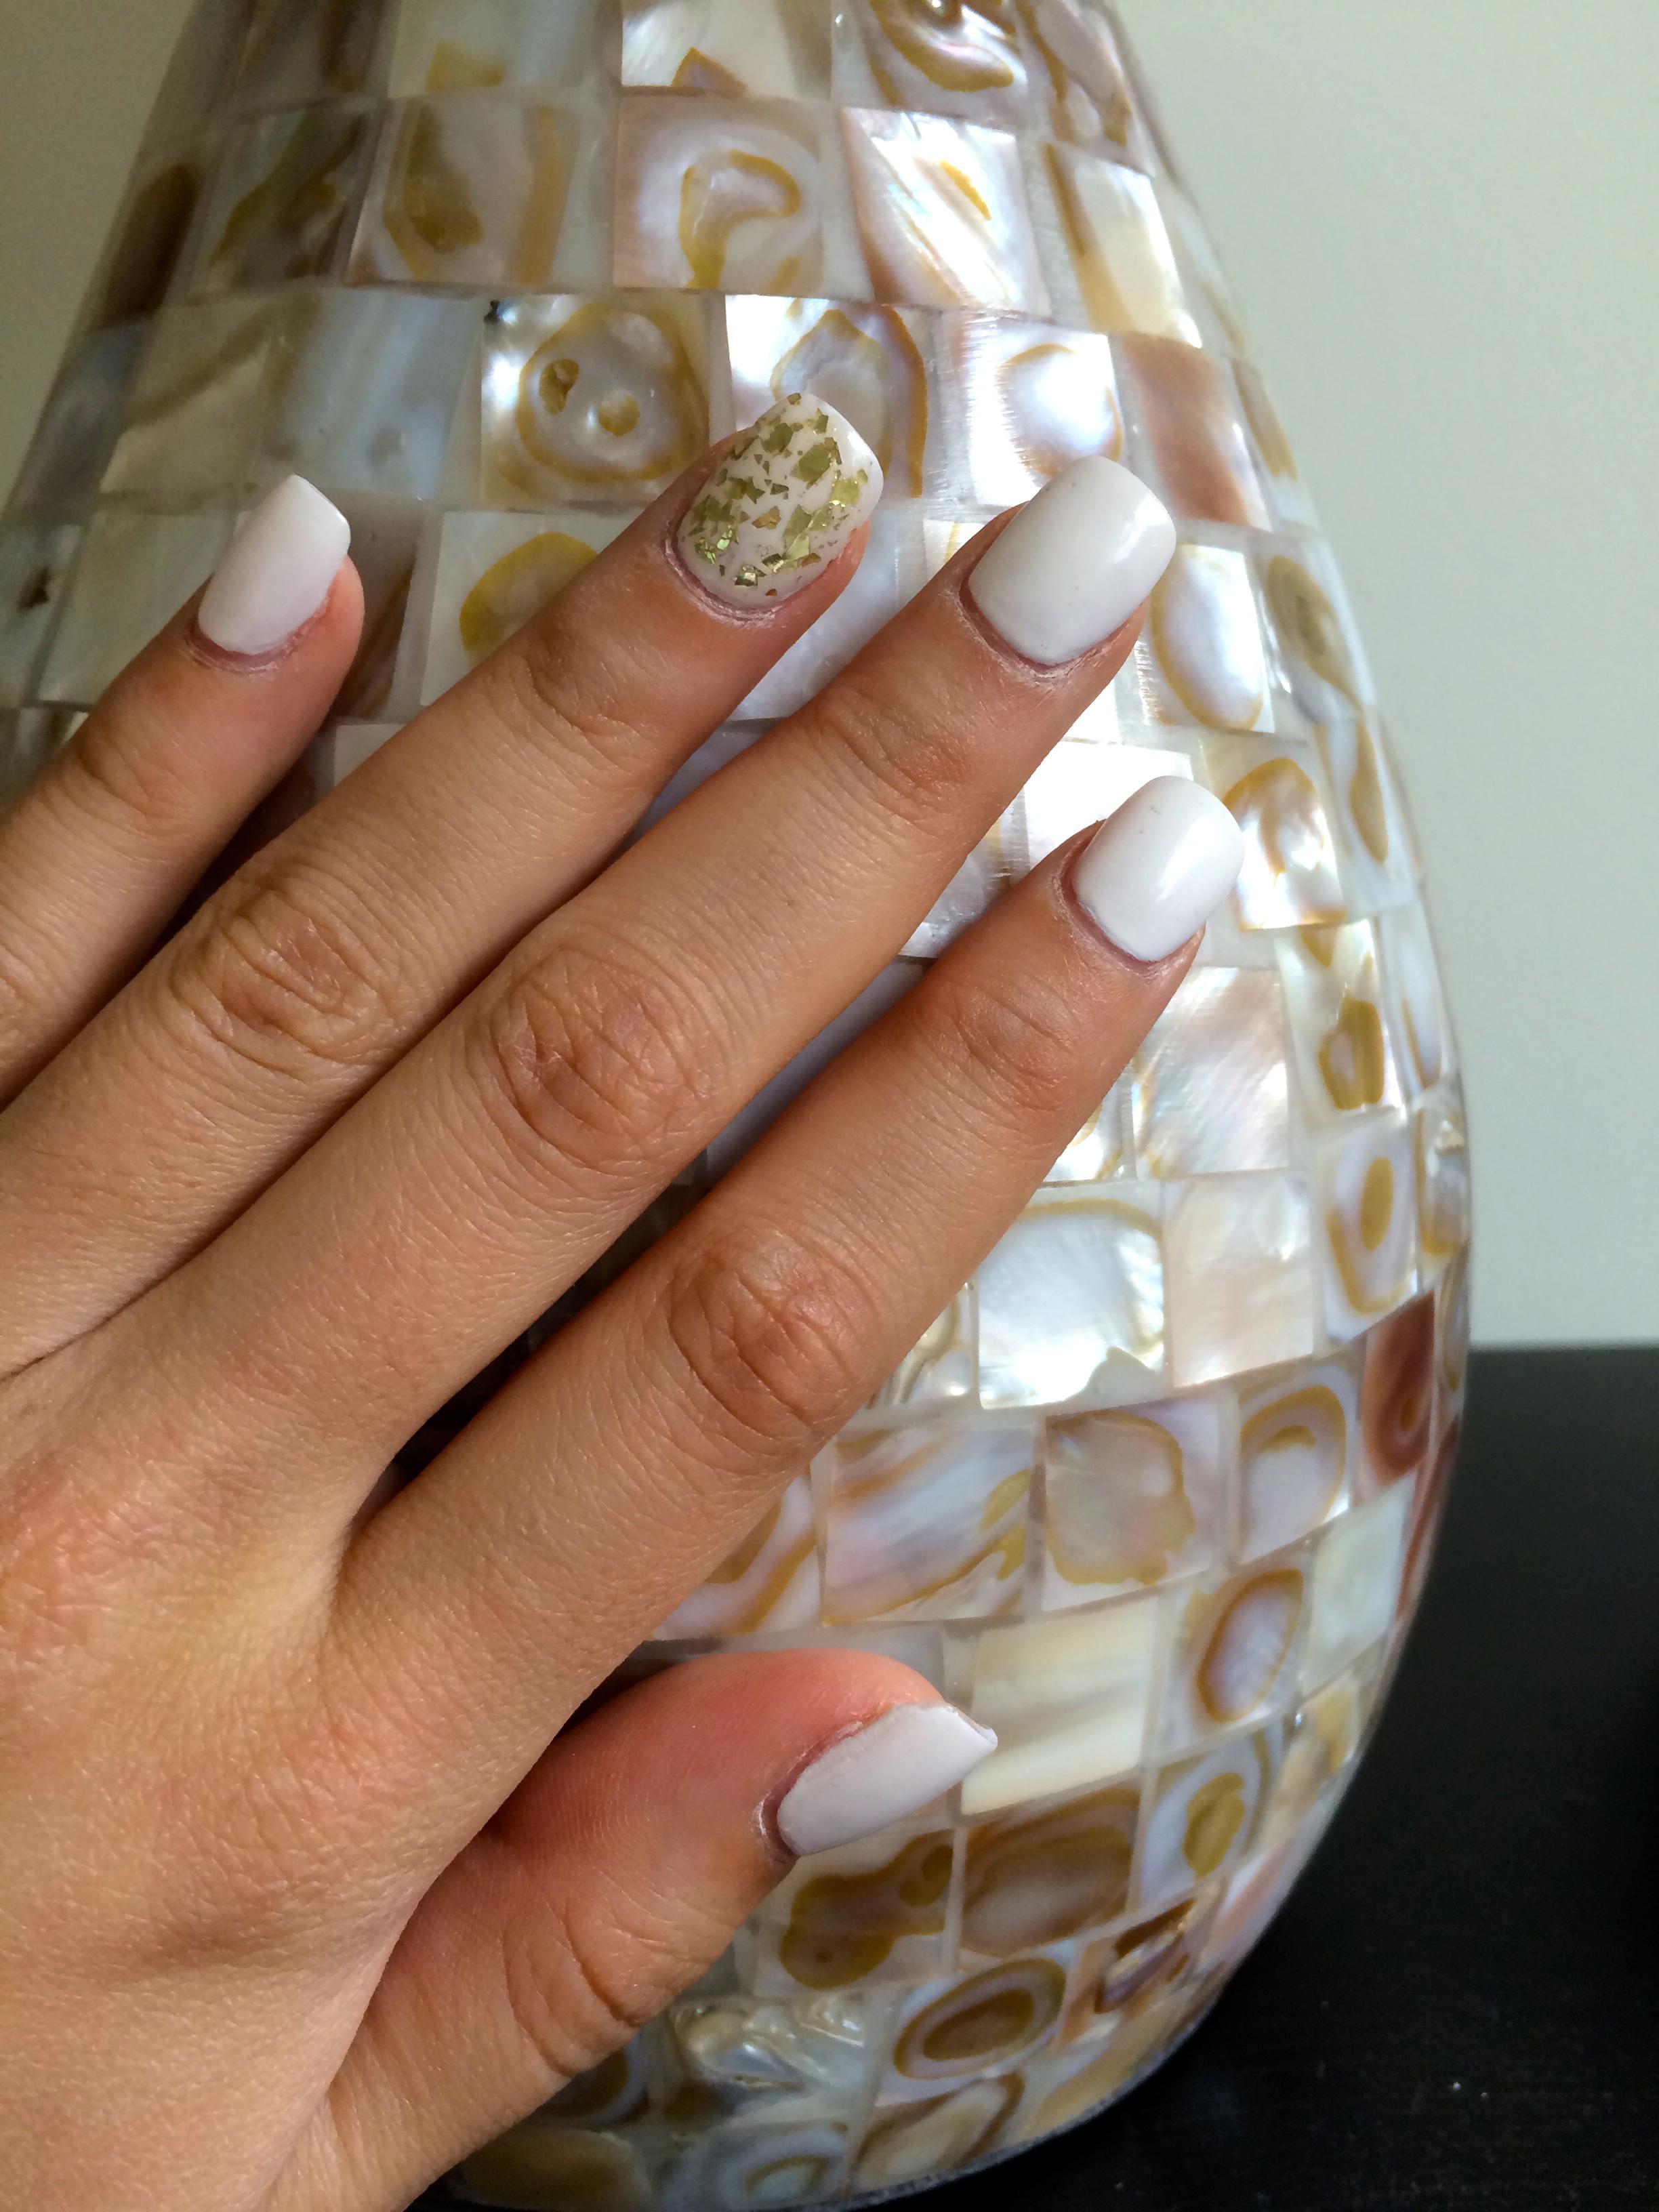 Loreal Nail color,Hit the Slopes. Highlight nail in 24 carat.